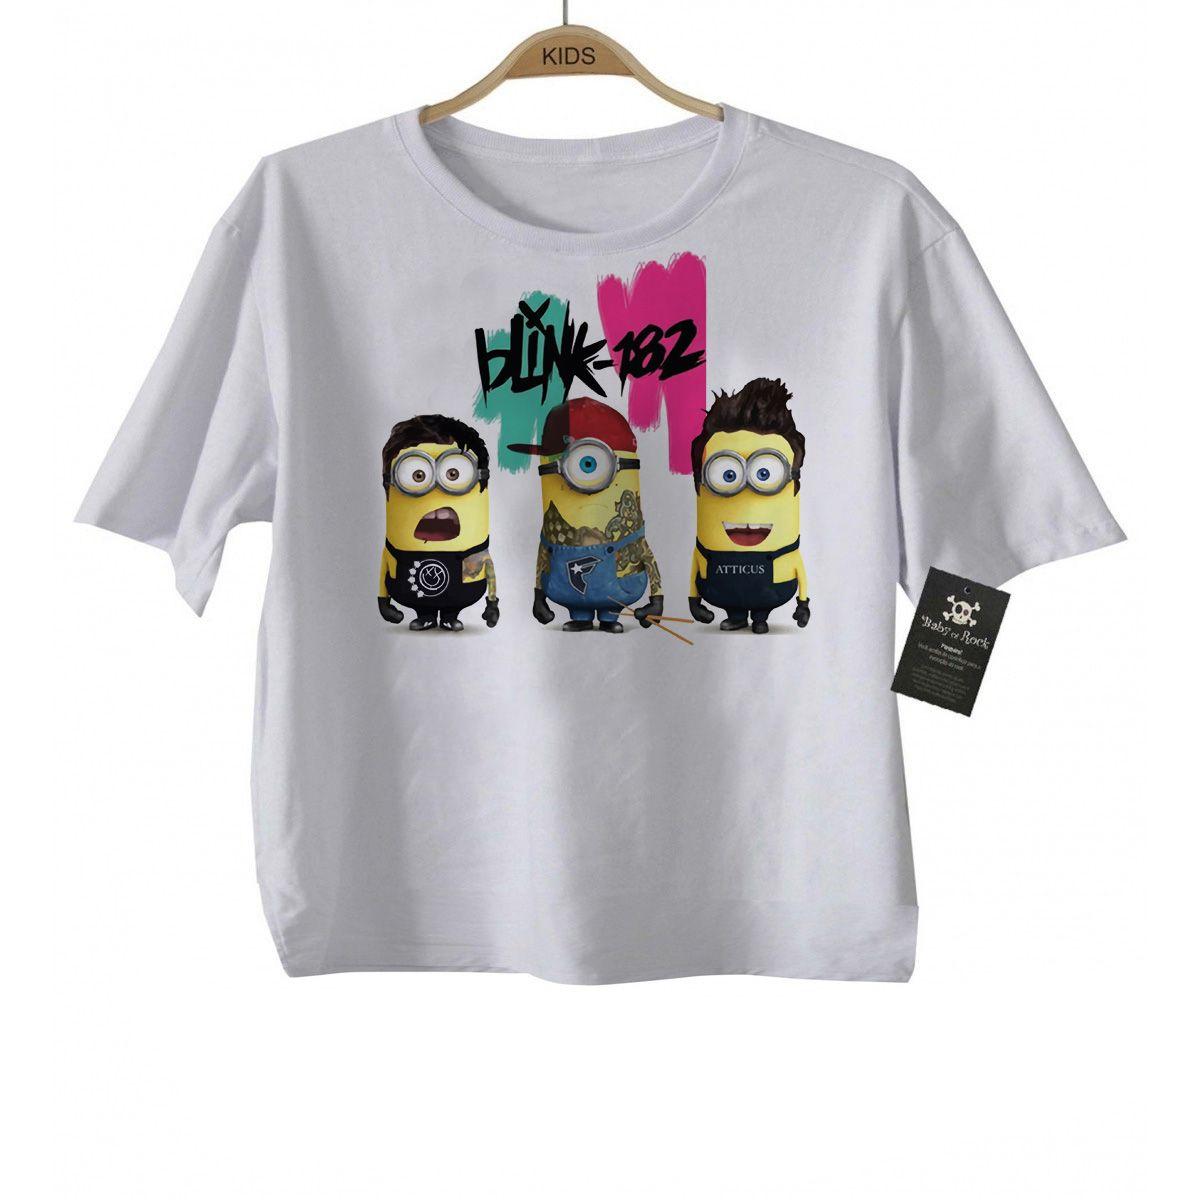 Camiseta de Rock infantil Blink 182 Minions - White  - Baby Monster - Body Bebe